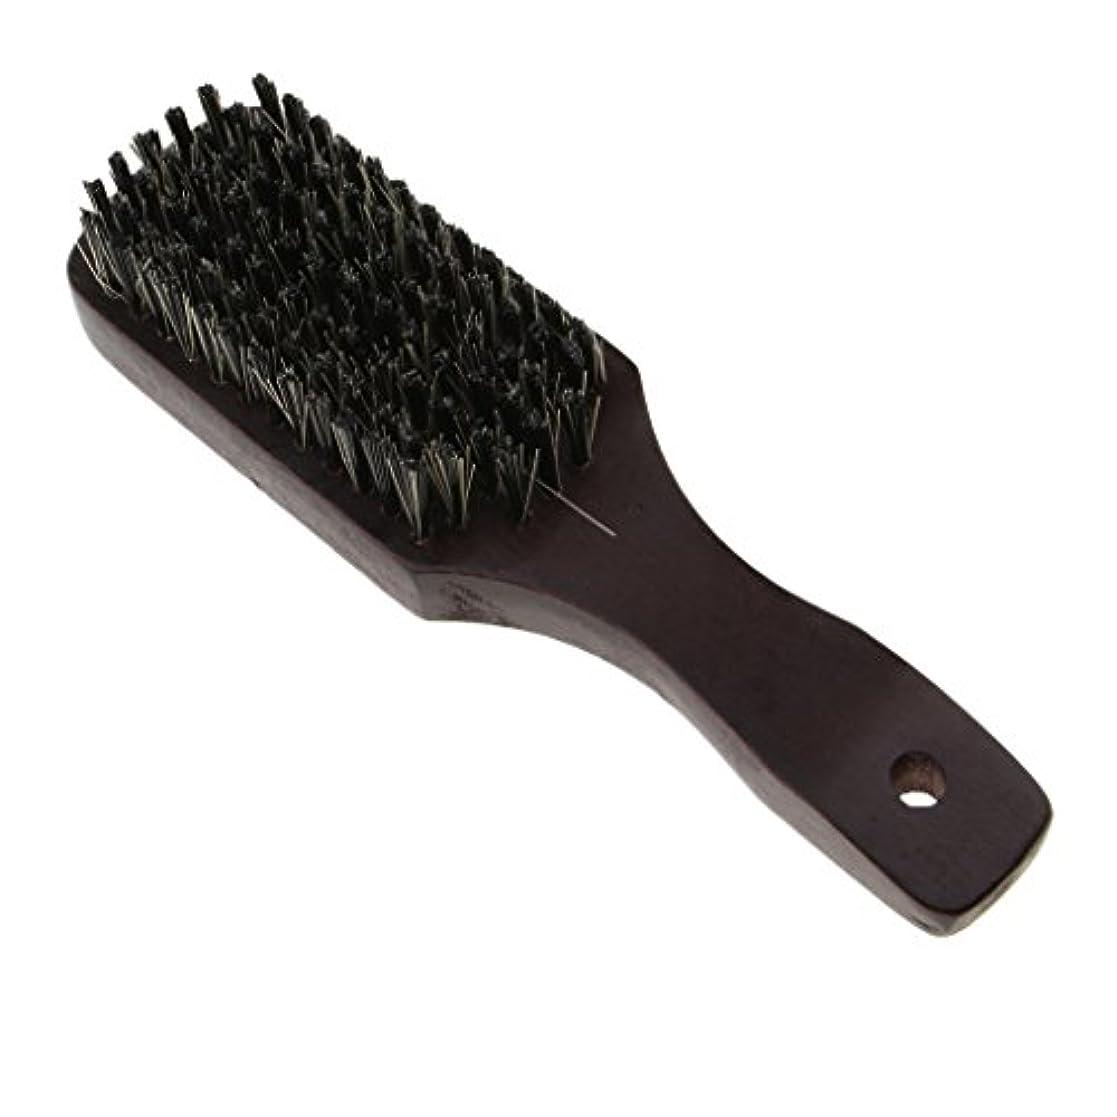 セラフギャンブルかなりのDYNWAVE ヘアブラシ 髪の櫛 木製 サロン バリバー アフロ ヘアピック ブラシ 櫛